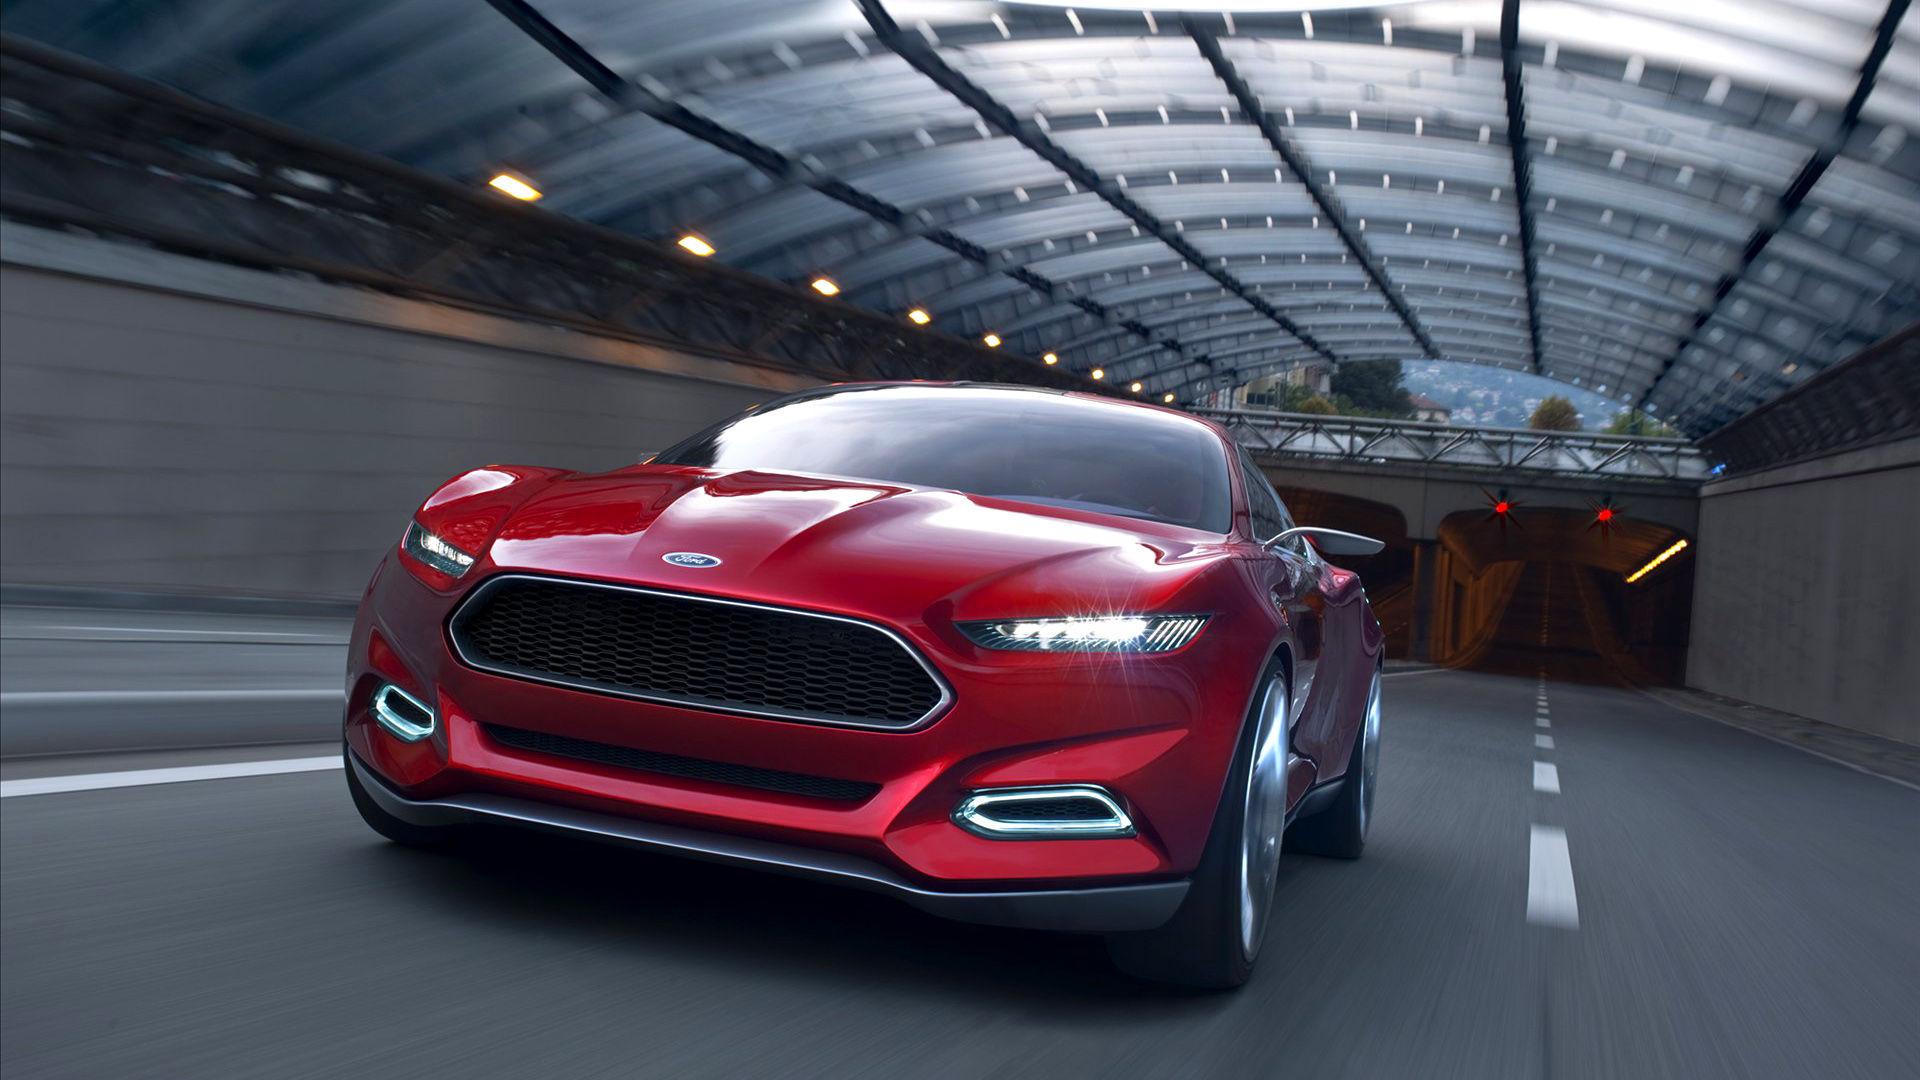 2012 Ford Evos Concept